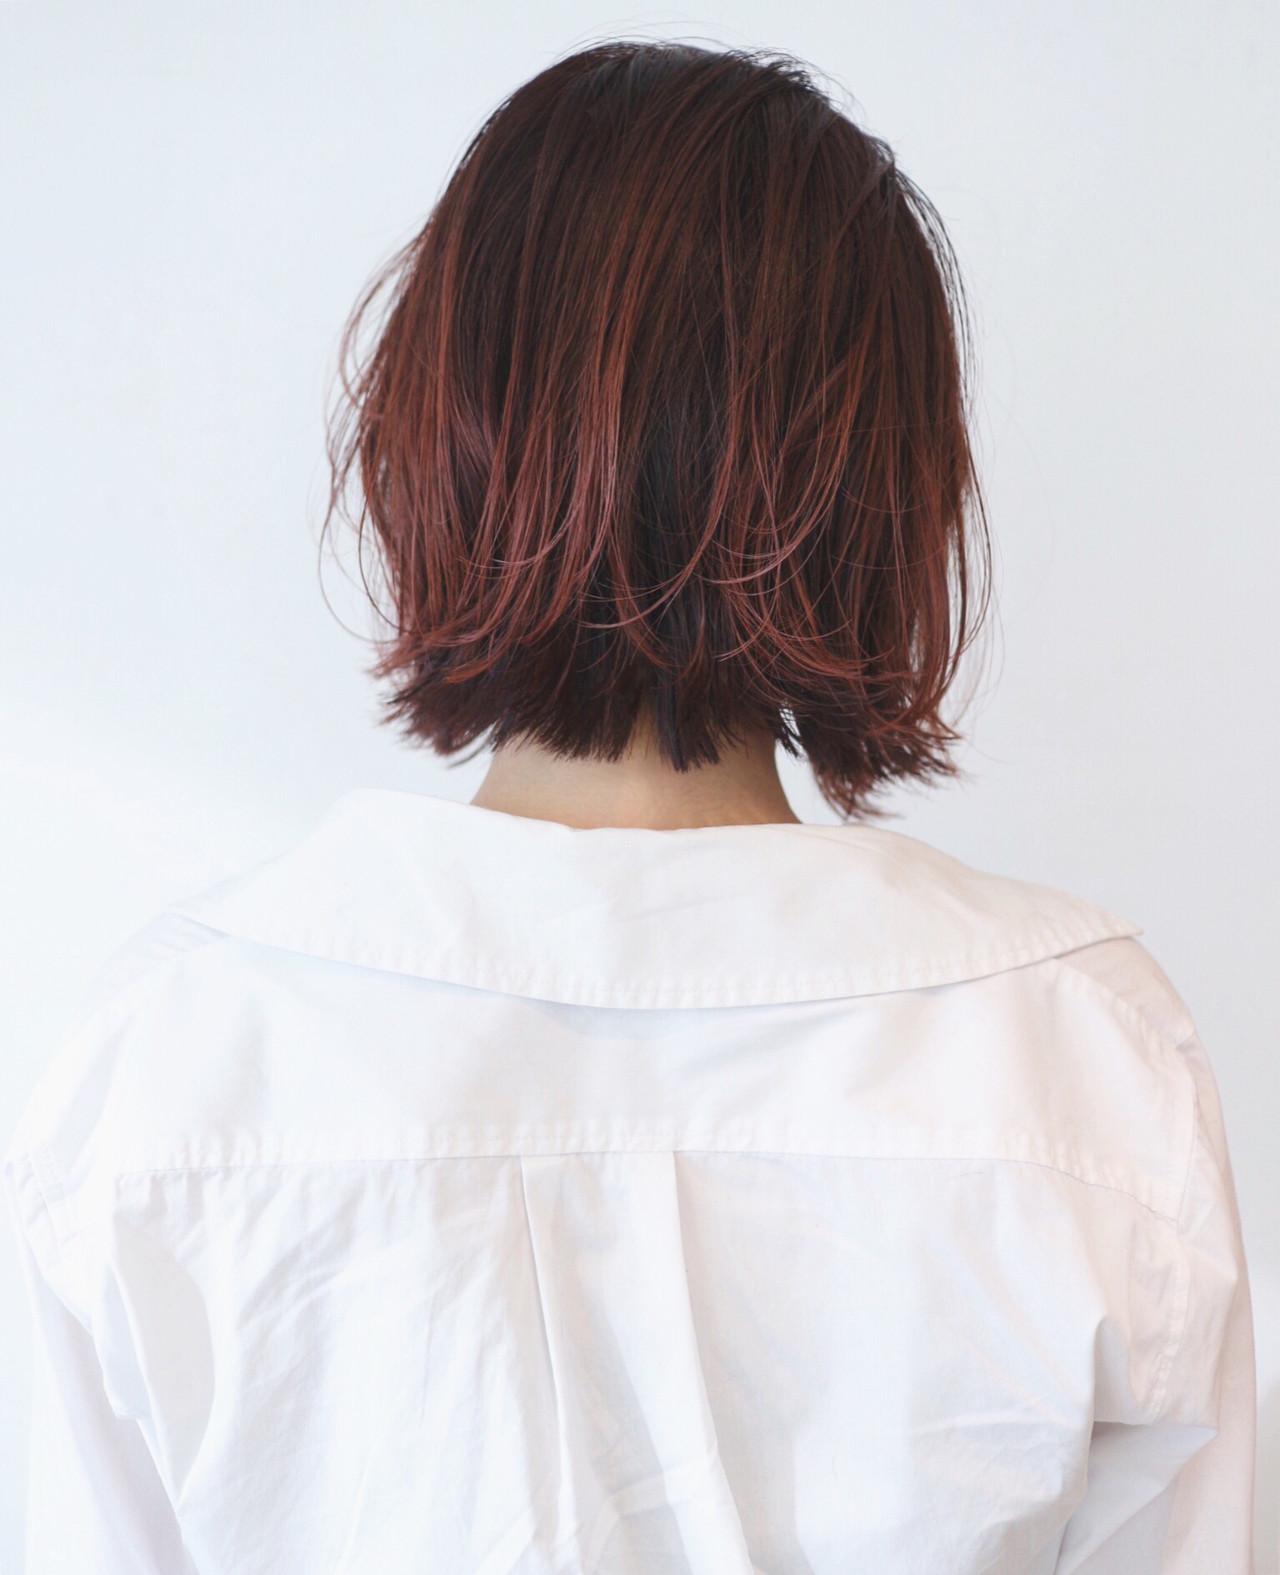 インナーカラー ボブ 切りっぱなしボブ ベリーピンク ヘアスタイルや髪型の写真・画像 | 三好 佳奈美 / Baco.(バコ)